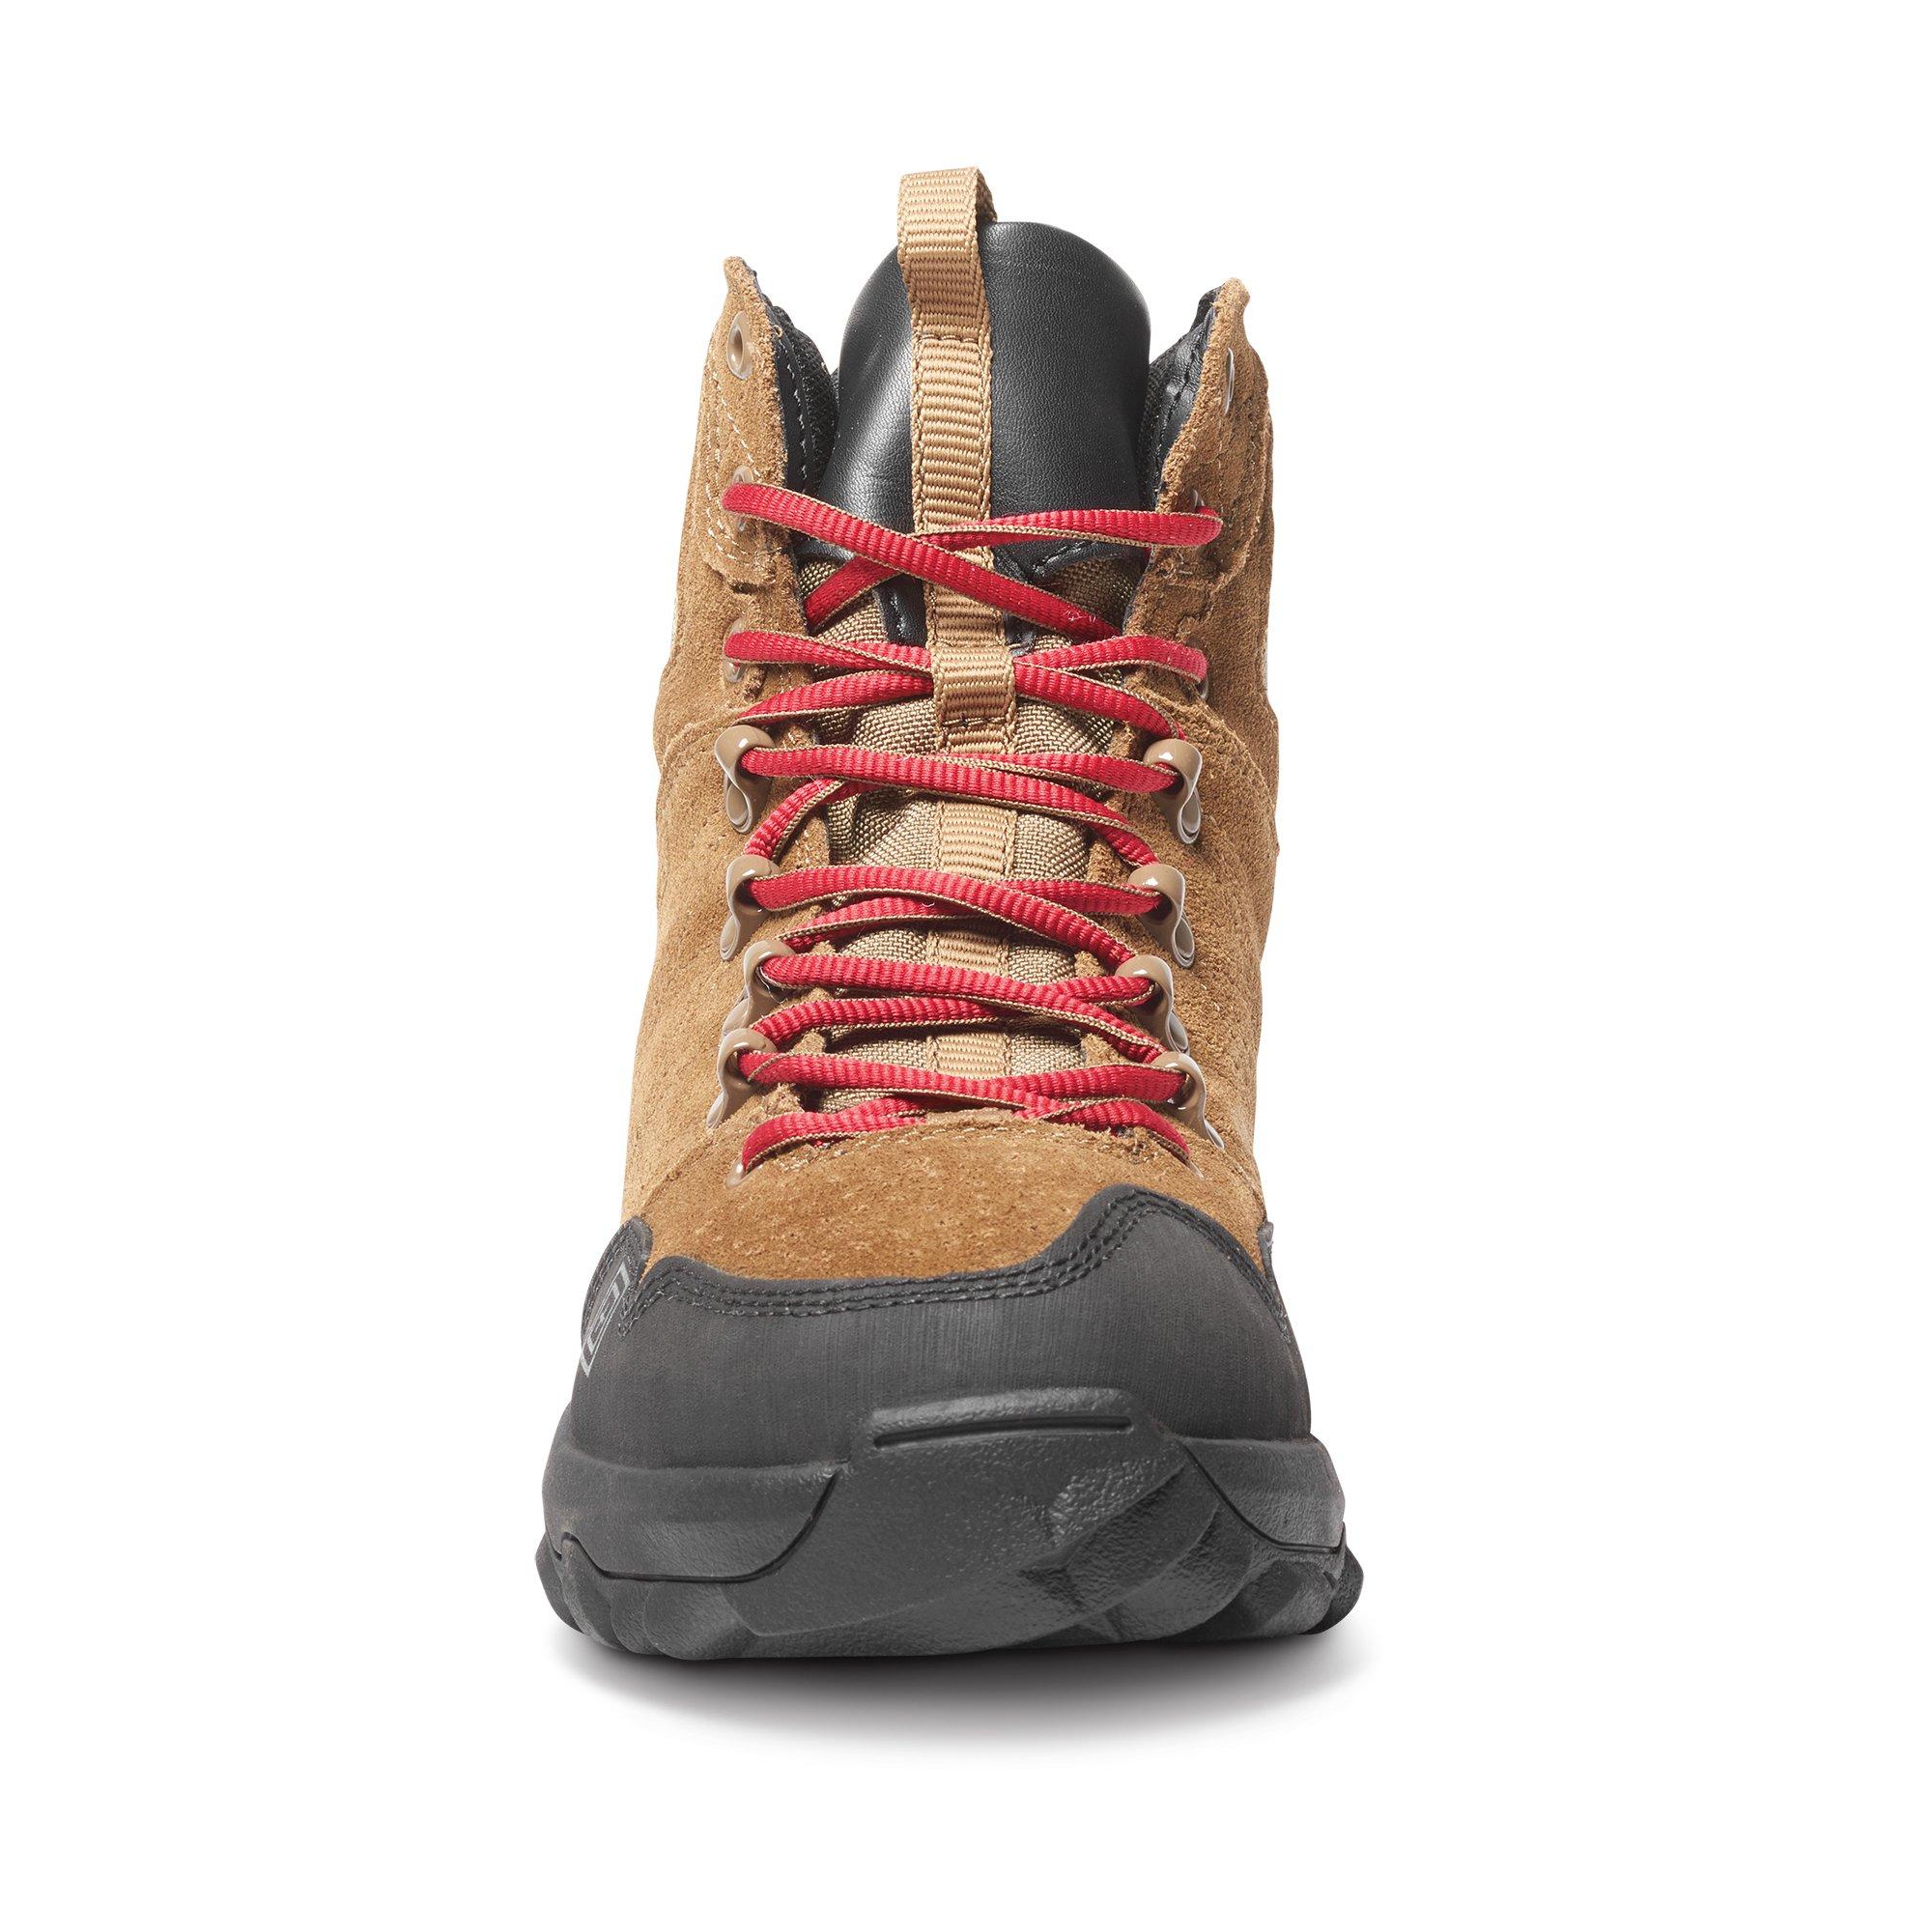 5.11 Men's Cable Hiker Carbon-Tac